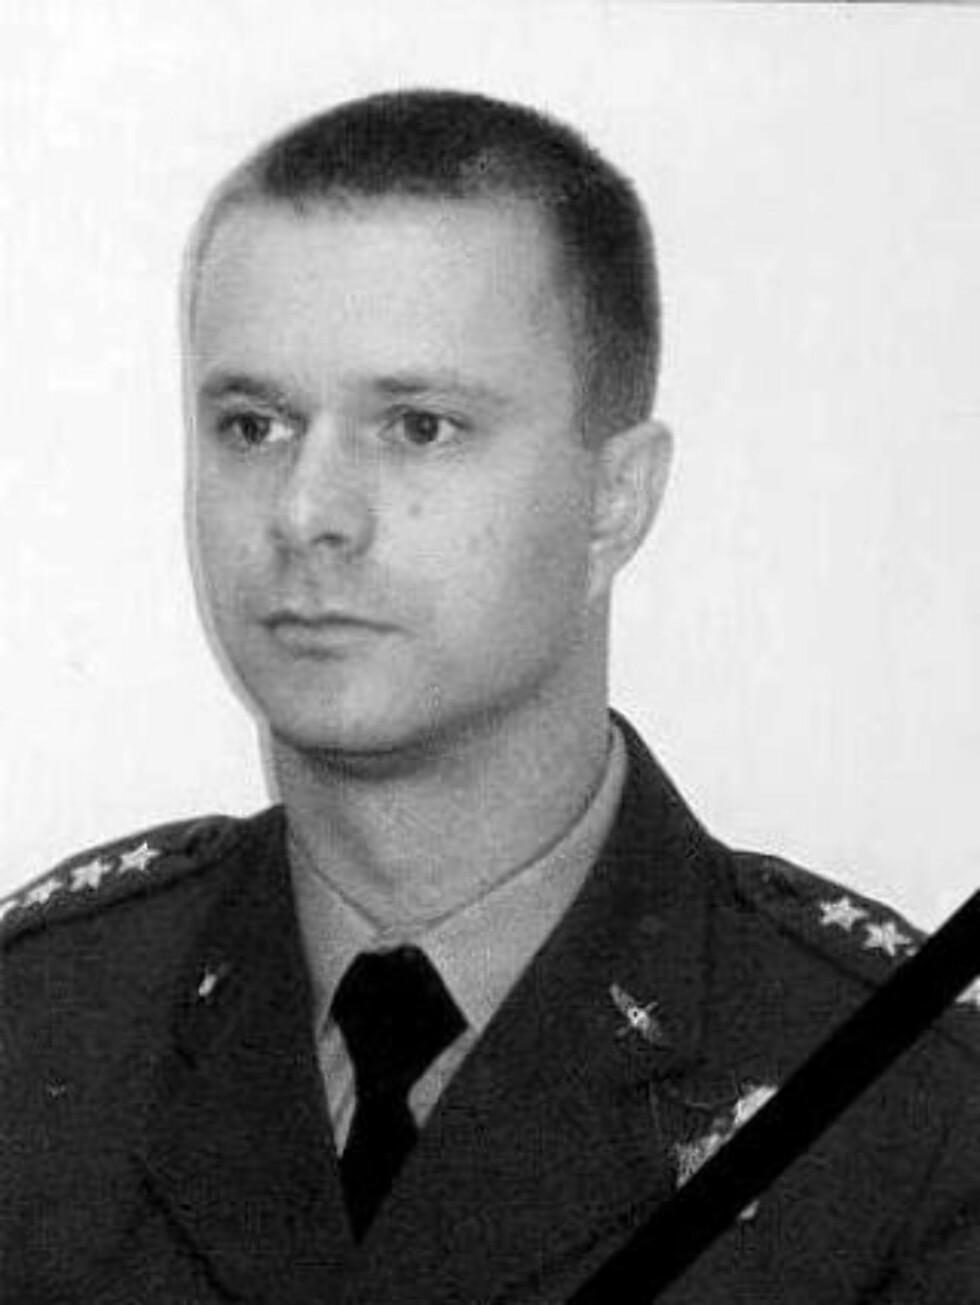 UTPEKES SOM SYNDEBUKK: Kaptein Arkadiusz Protasiuk ser ut til å bli utpekt som syndebukk. Men ingen kjenner foreløpig årsaken til hvorfor han ignorerte flytårnet. Foto: EPA/Polish Air Force/SCANPIX